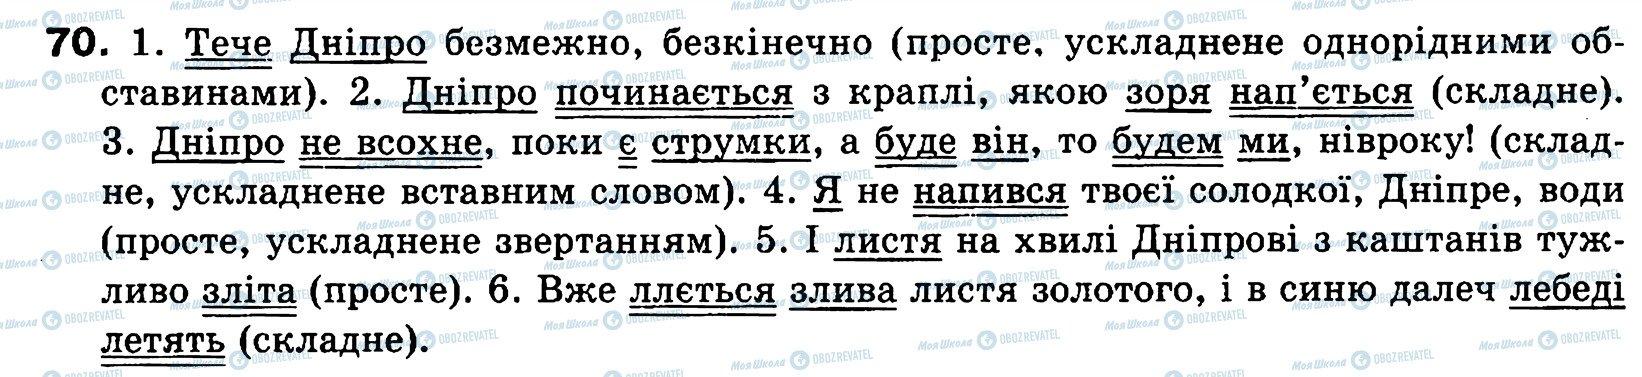 ГДЗ Українська мова 8 клас сторінка 70